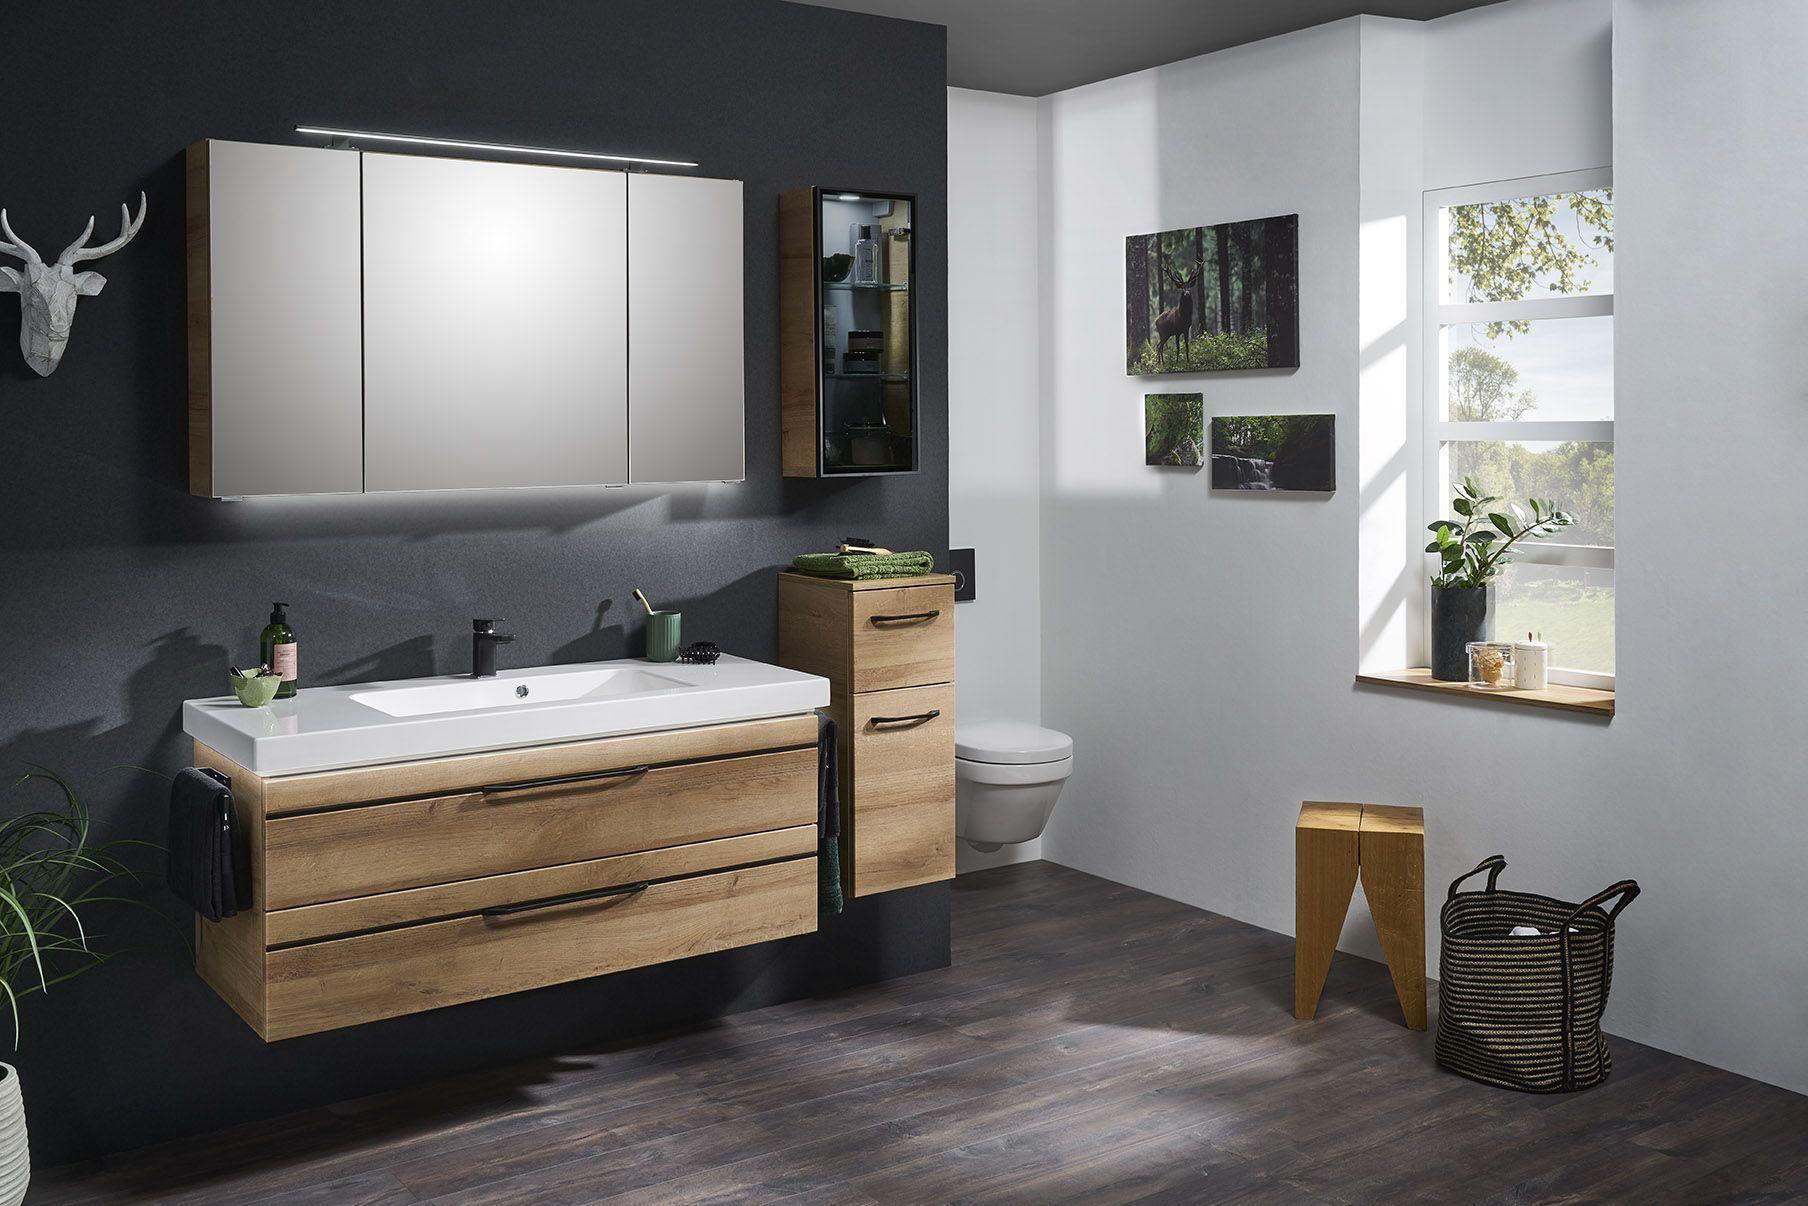 Pin Von Sadena Badmobel Auf Bern In 2020 Waschtischunterschrank Lichteffekte Design